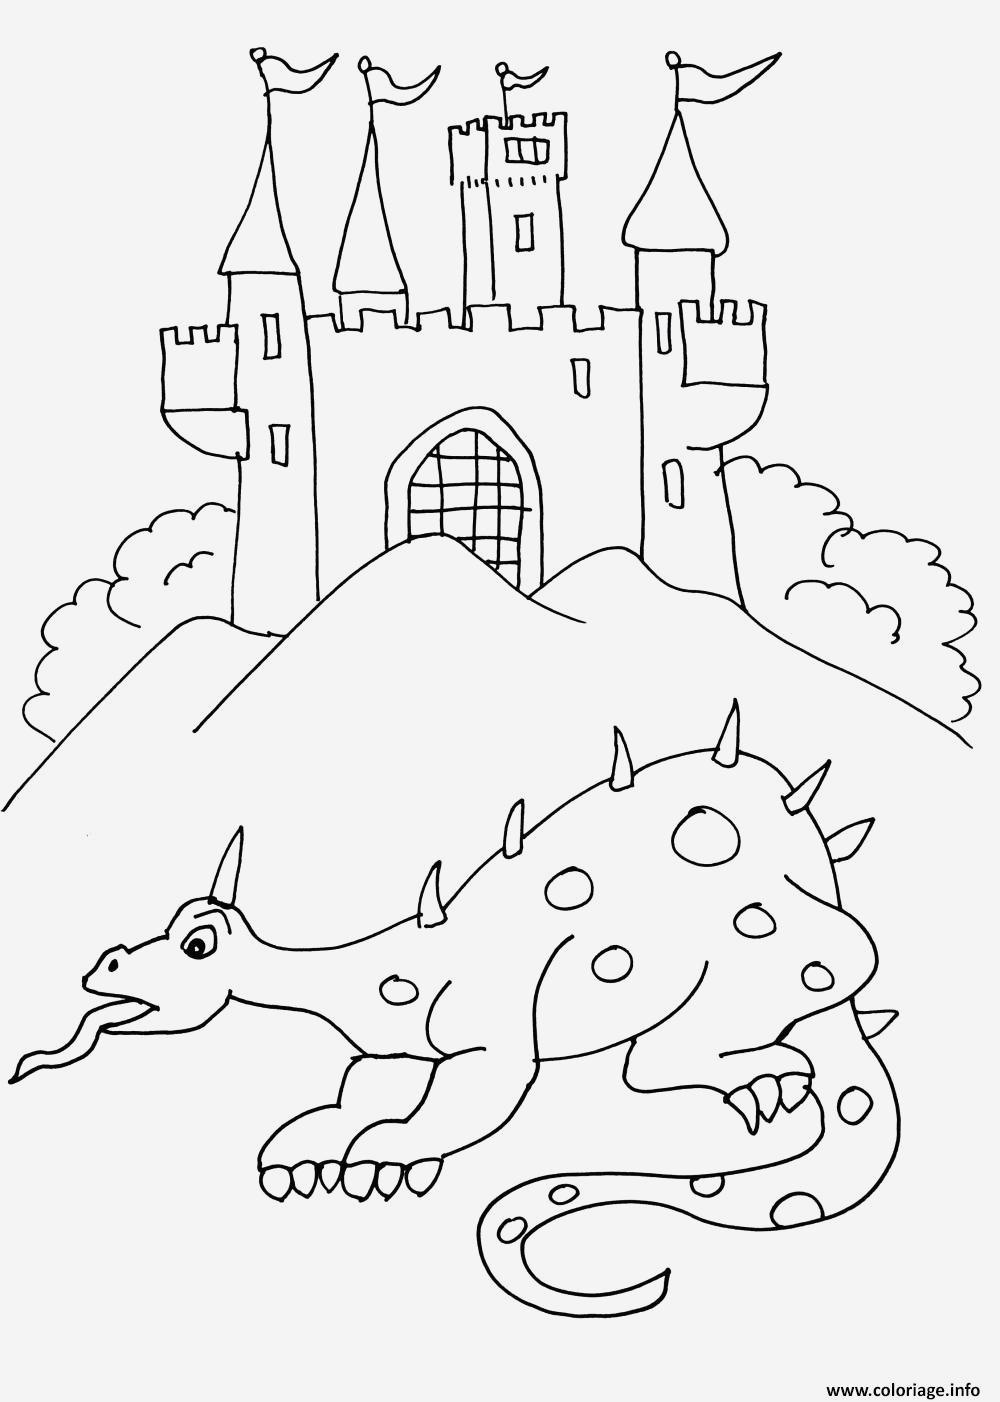 Coloriage Chateau Princesse Gratuit Archives - Coloriages concernant Dessin Chateau Princesse